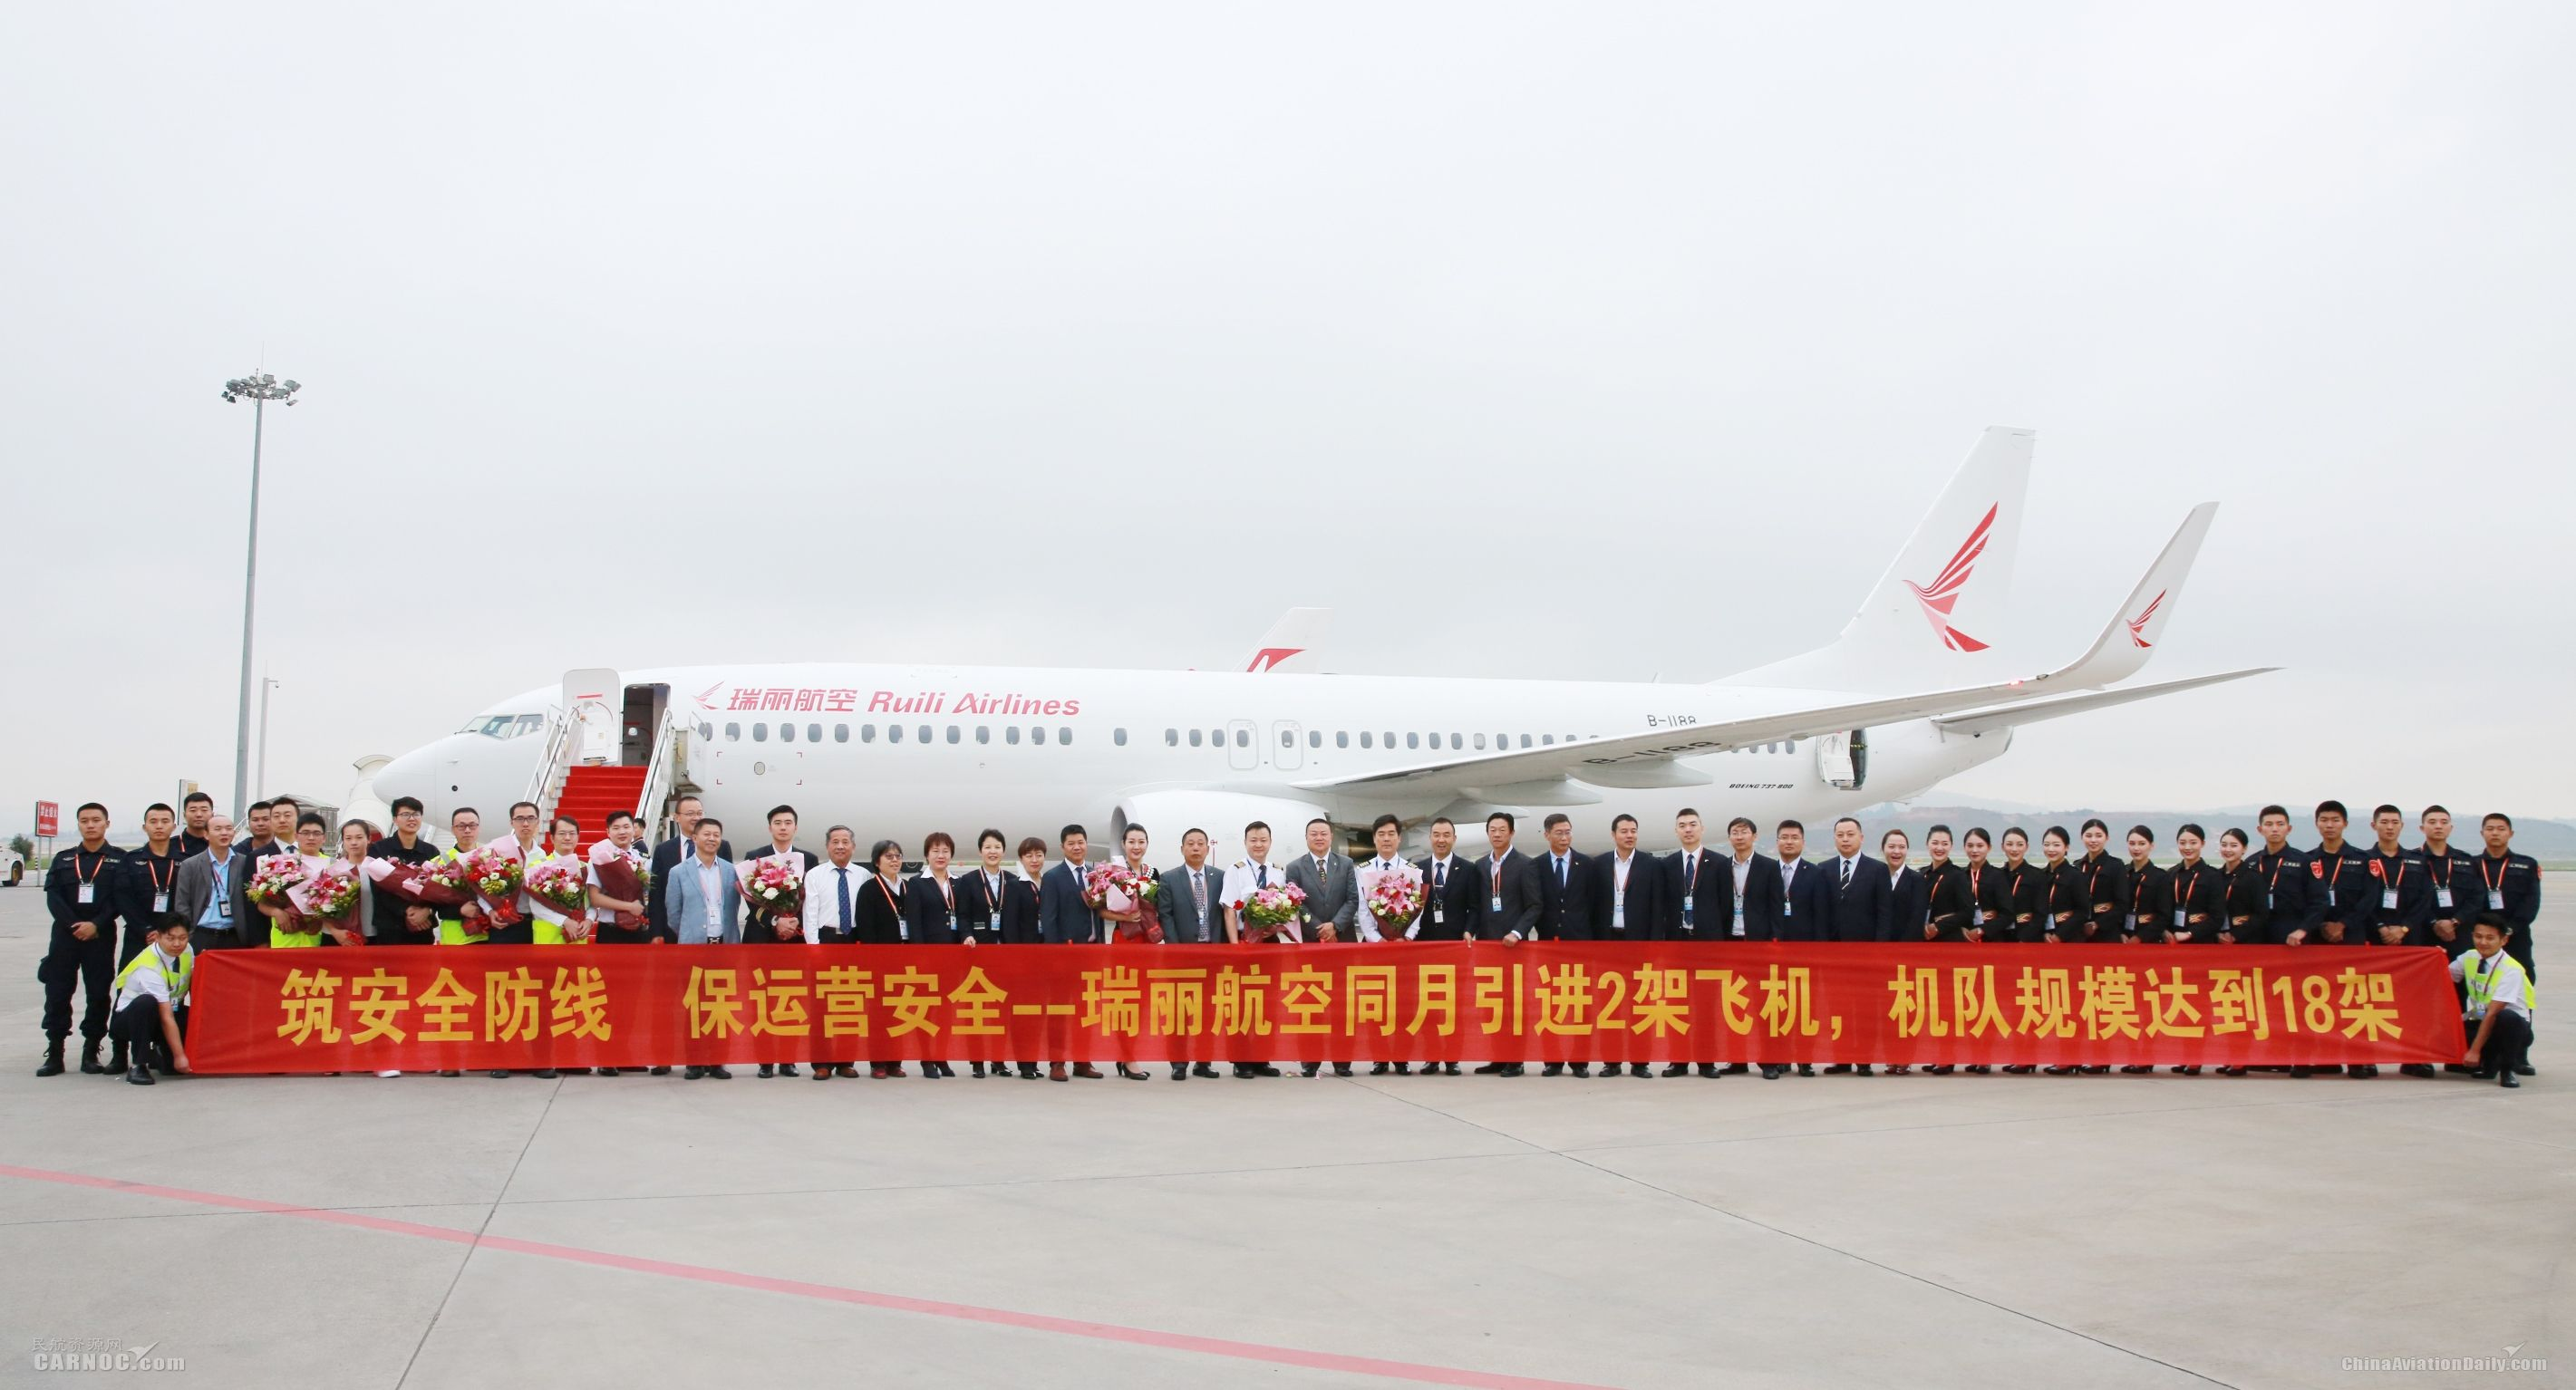 瑞丽航空同月引进2架飞机,机队规模达到18架